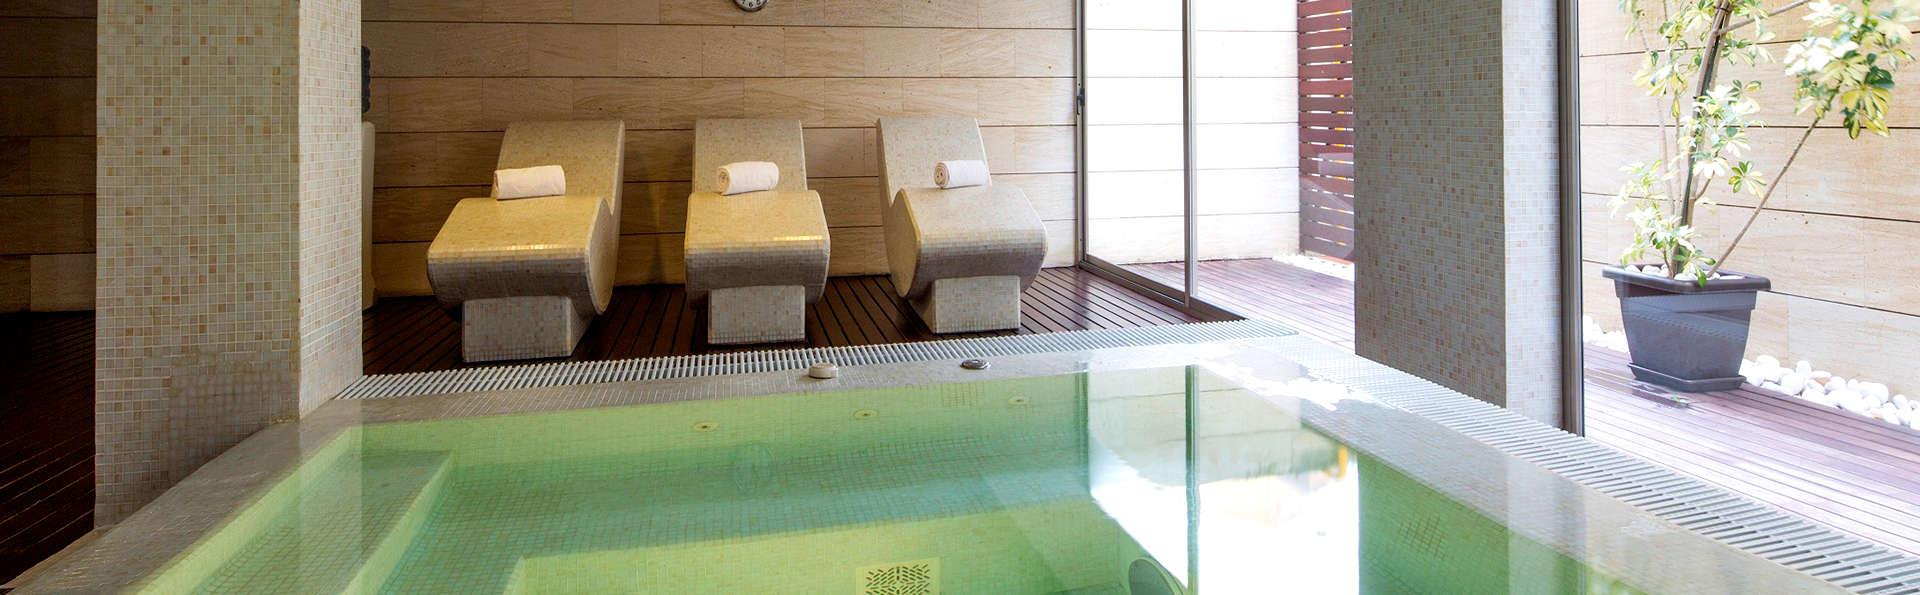 Vue panoramique, spa et design à Palma de Majorque